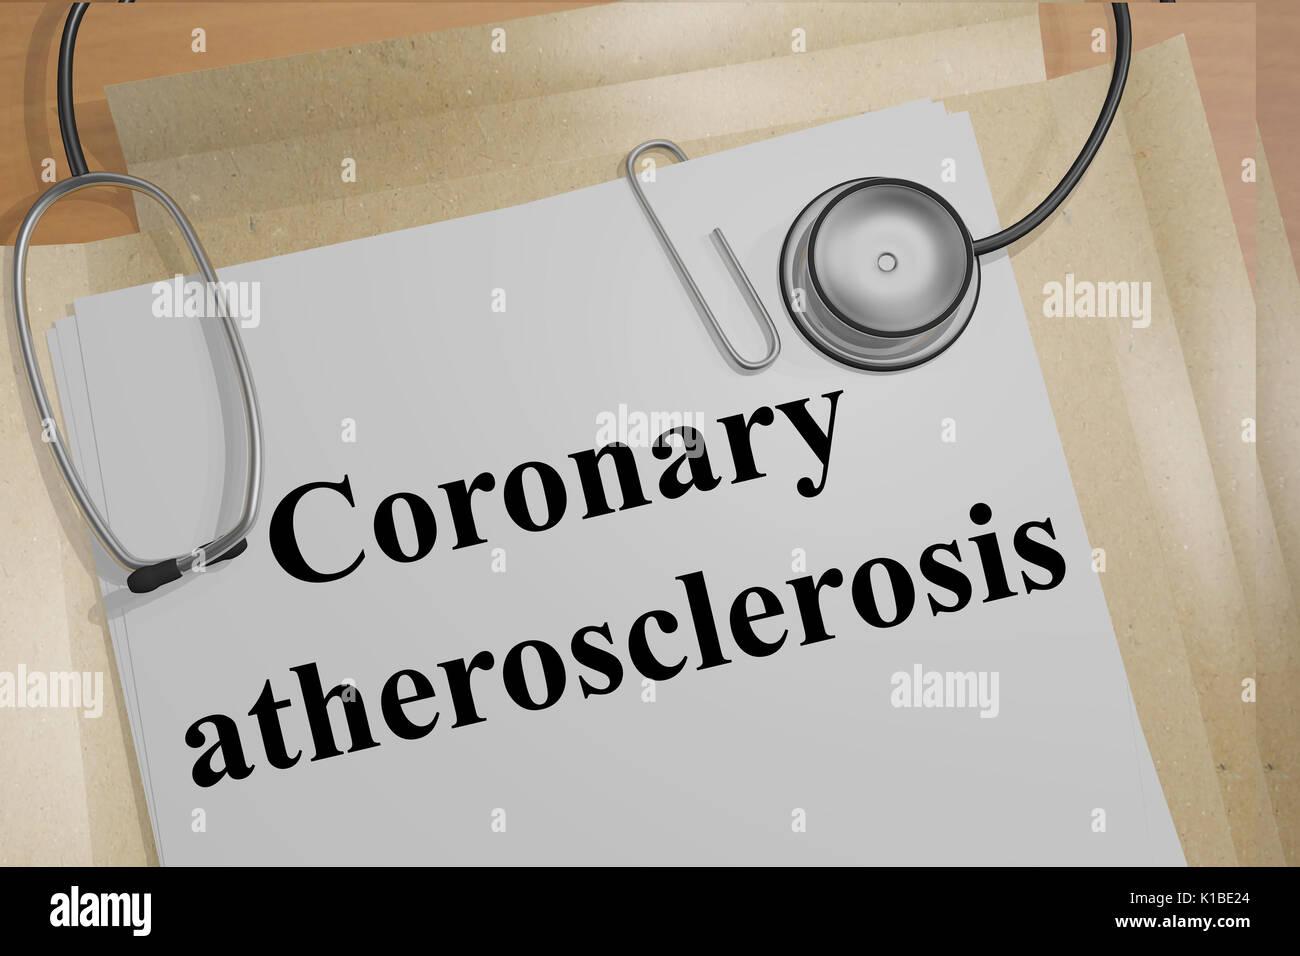 Representar la ilustración de la aterosclerosis coronaria título en documentos médicos Foto de stock